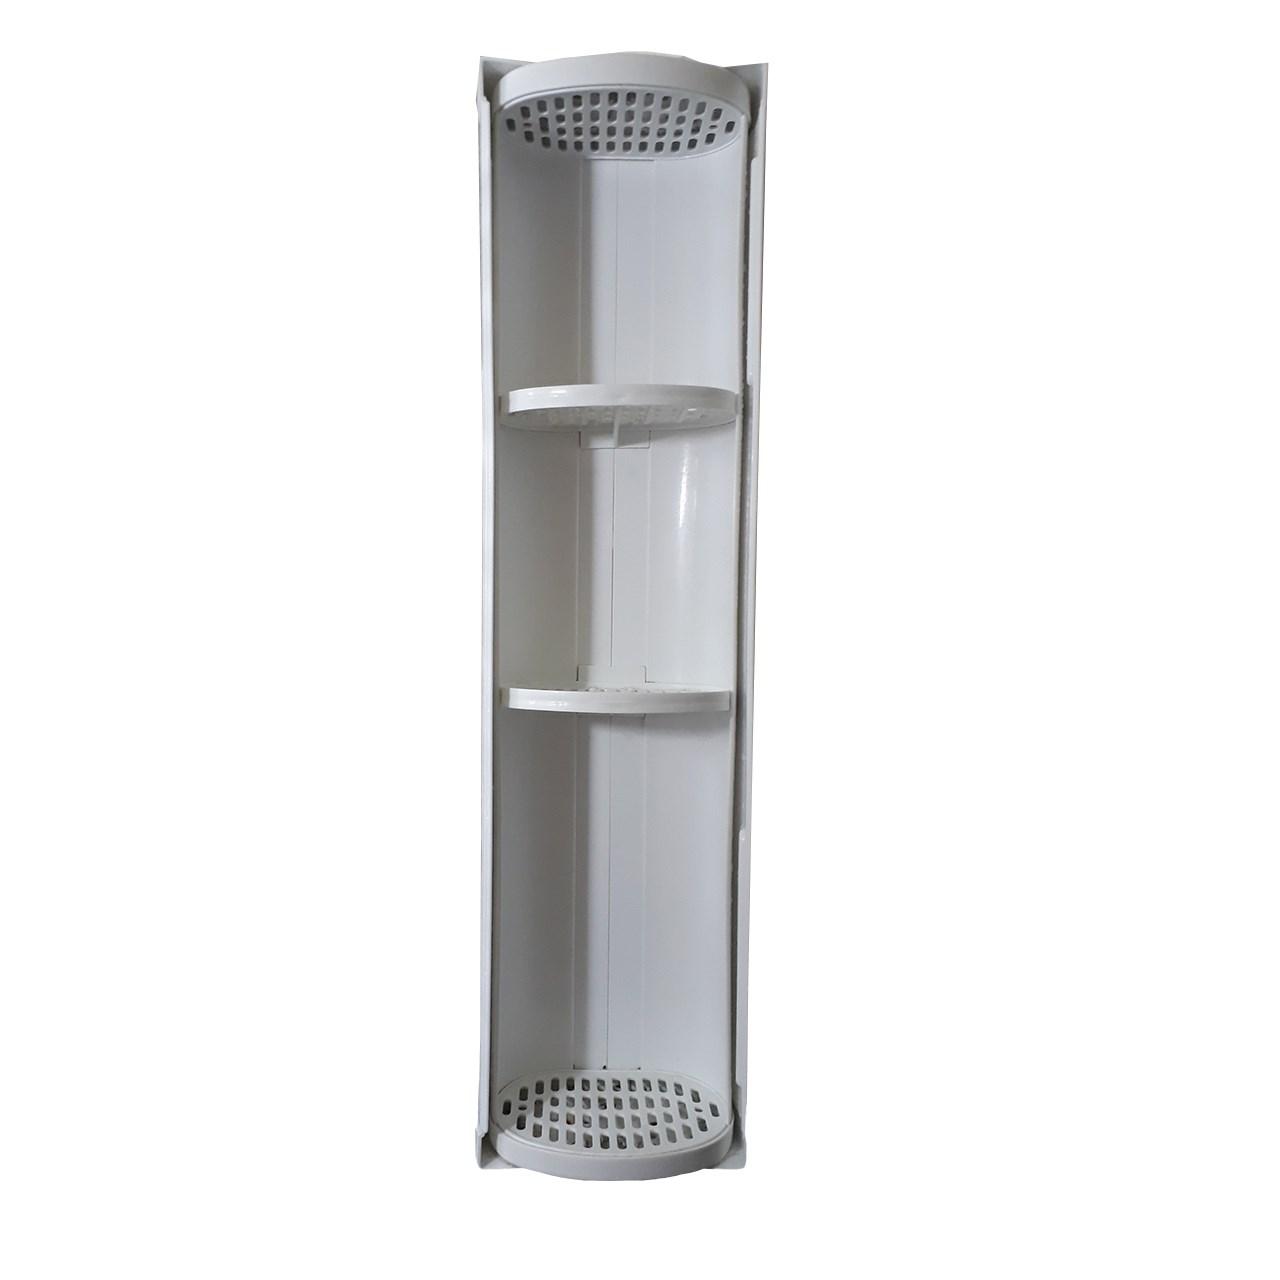 قفسه حمام مدل Iran001